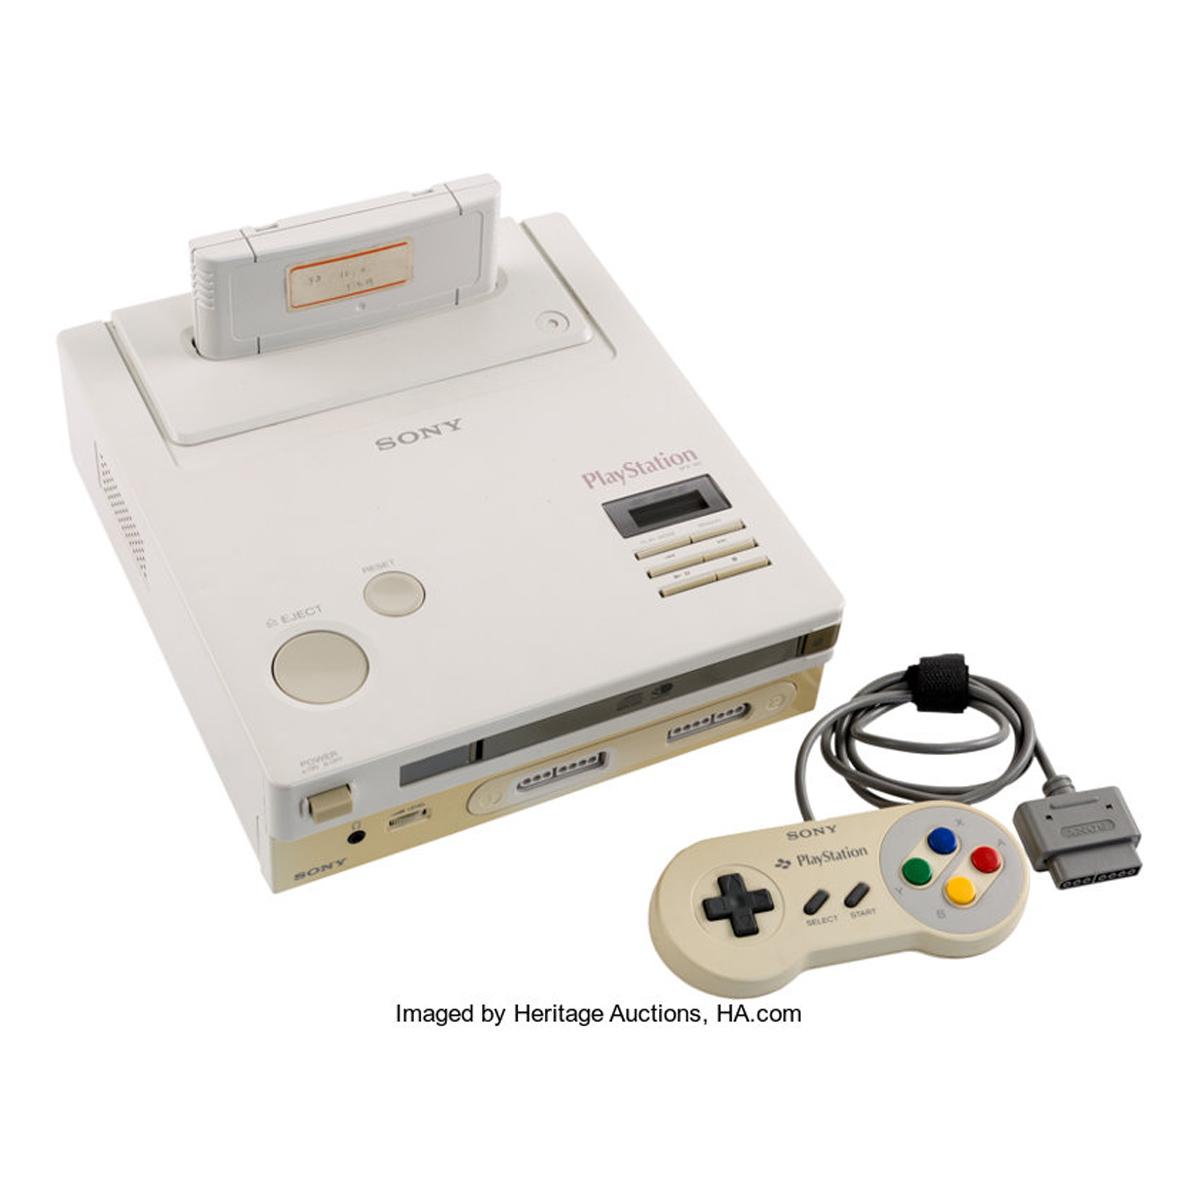 幻のゲーム機「Nintendo PlayStation」がオークションに出品